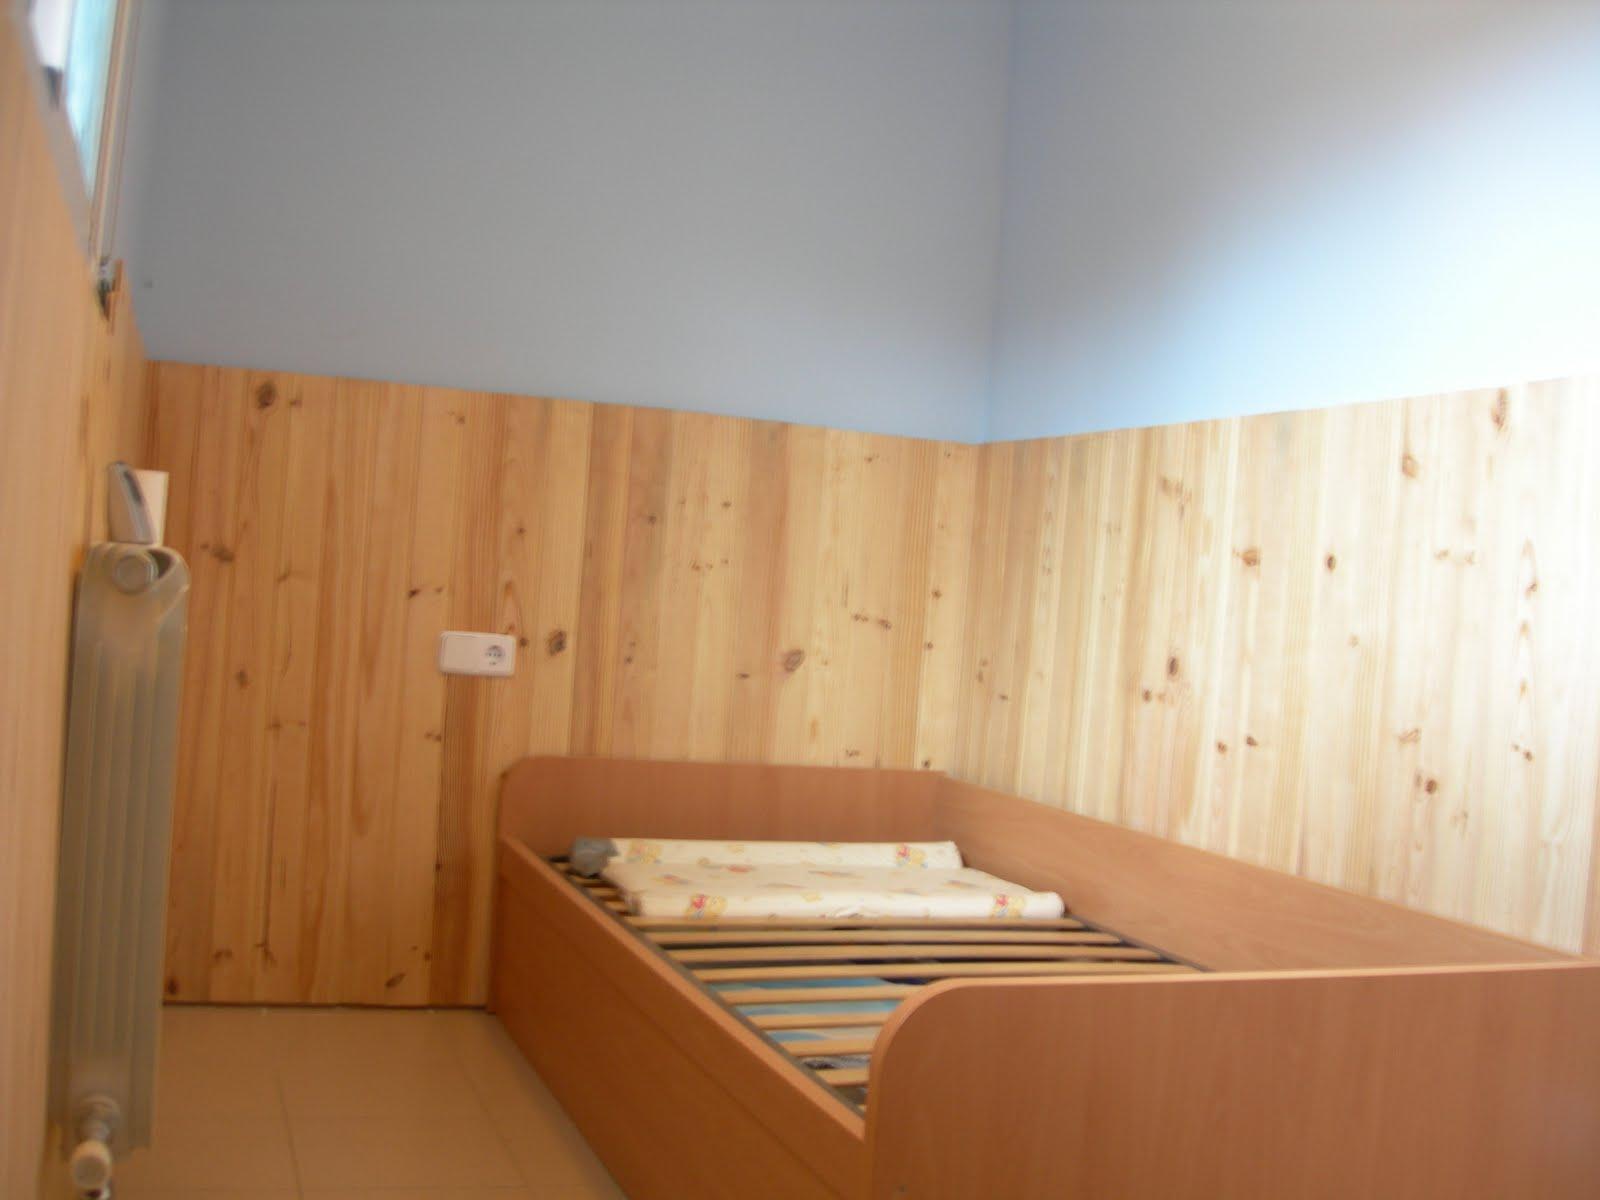 Bricolaje hazlo tu mismo colocar friso de madera - Friso para pared ...